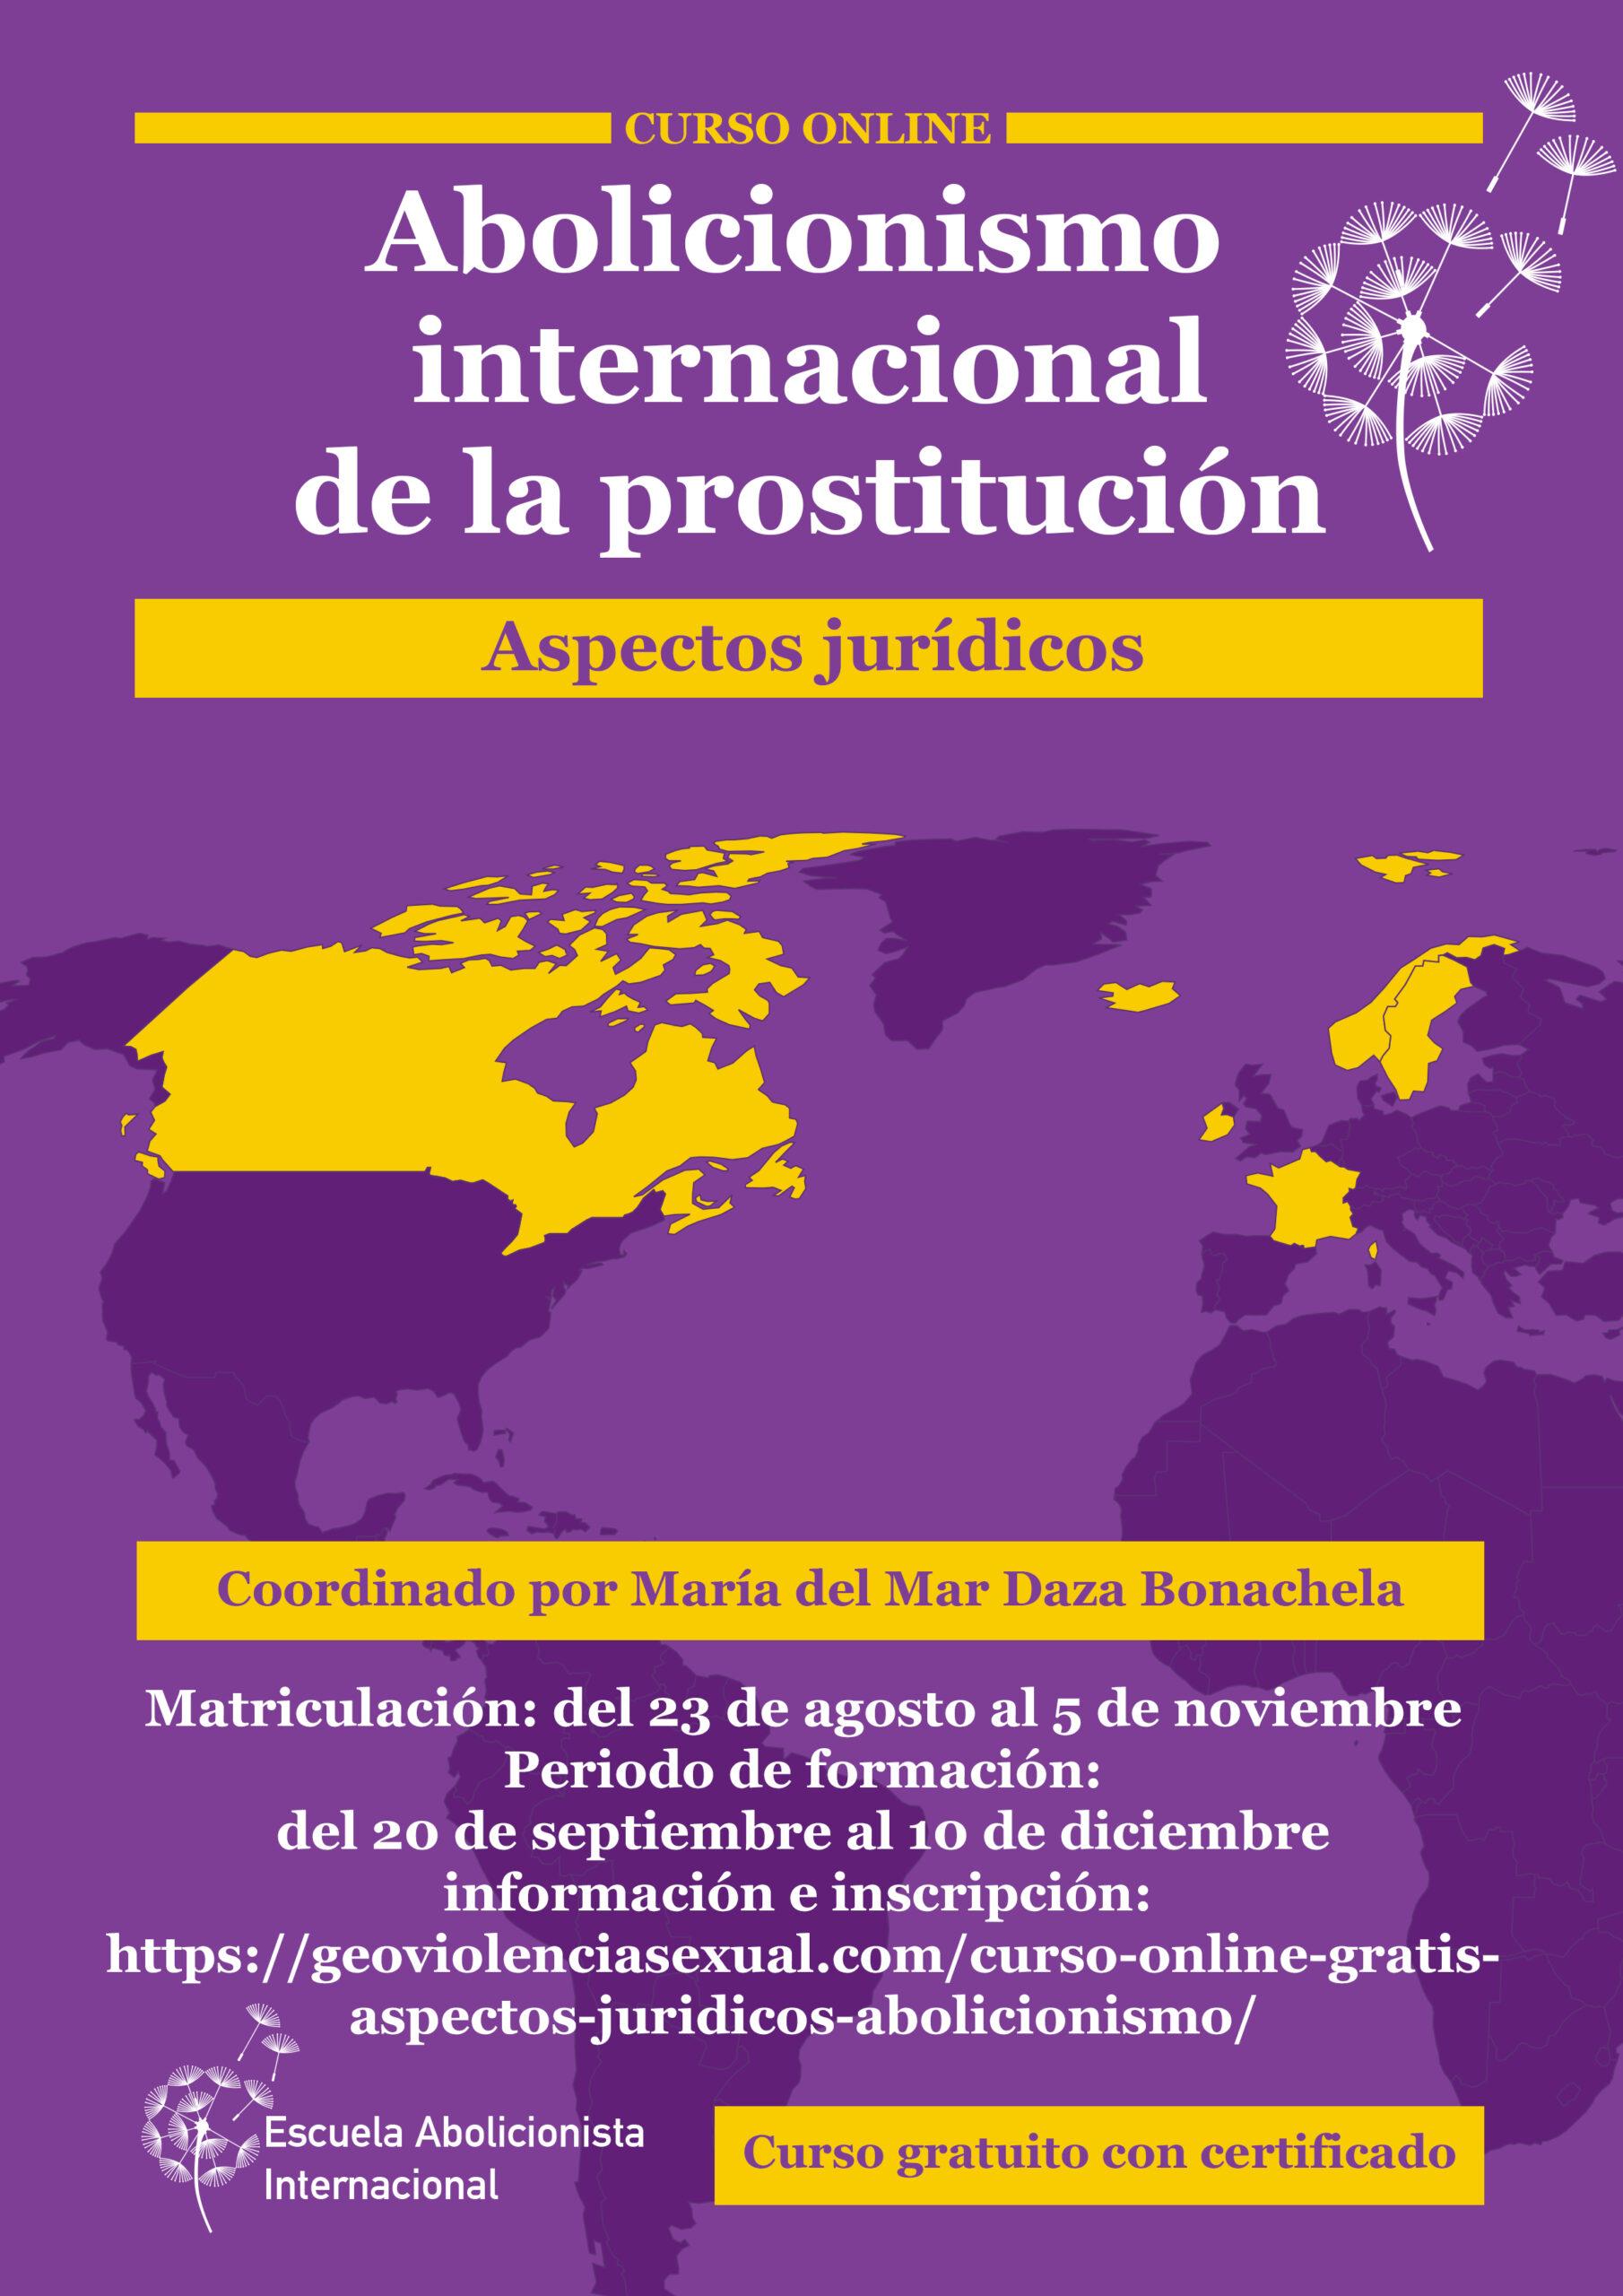 Curso online sobre abolicionismo internacional